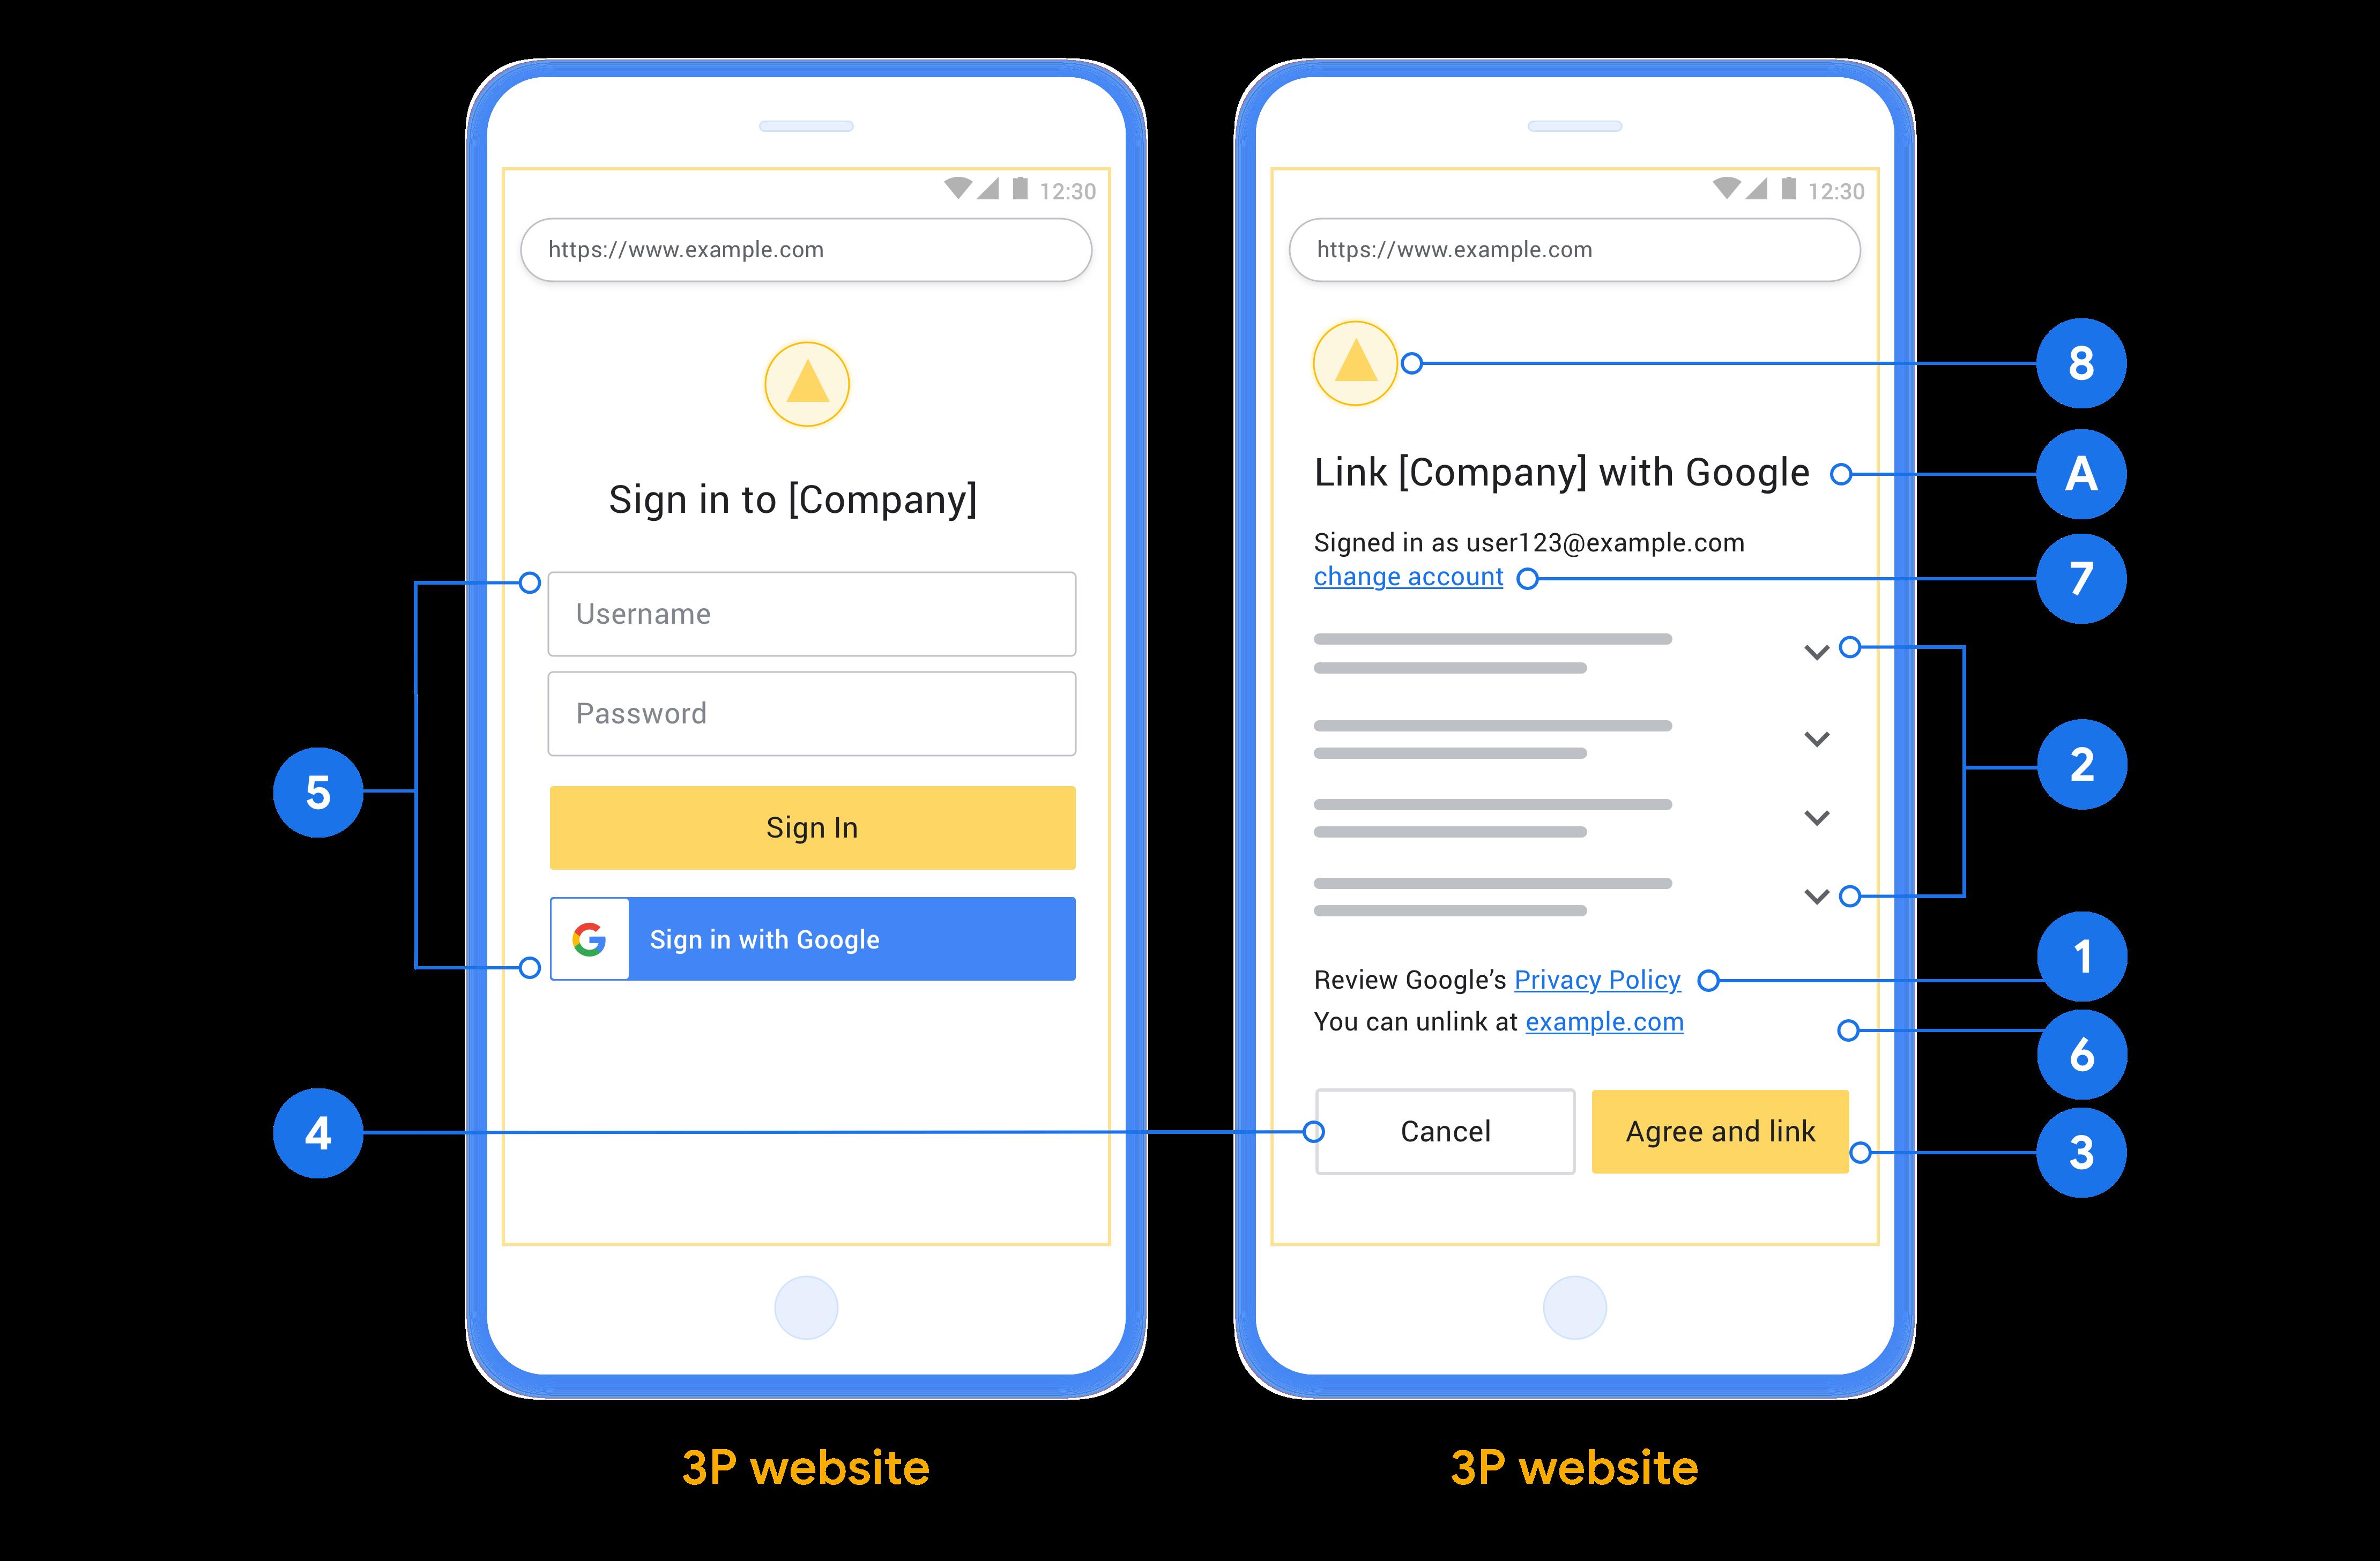 此圖顯示了示例用戶登錄和同意屏幕,其中包含在設計用戶登錄和同意屏幕時要遵循的各個要求和建議。